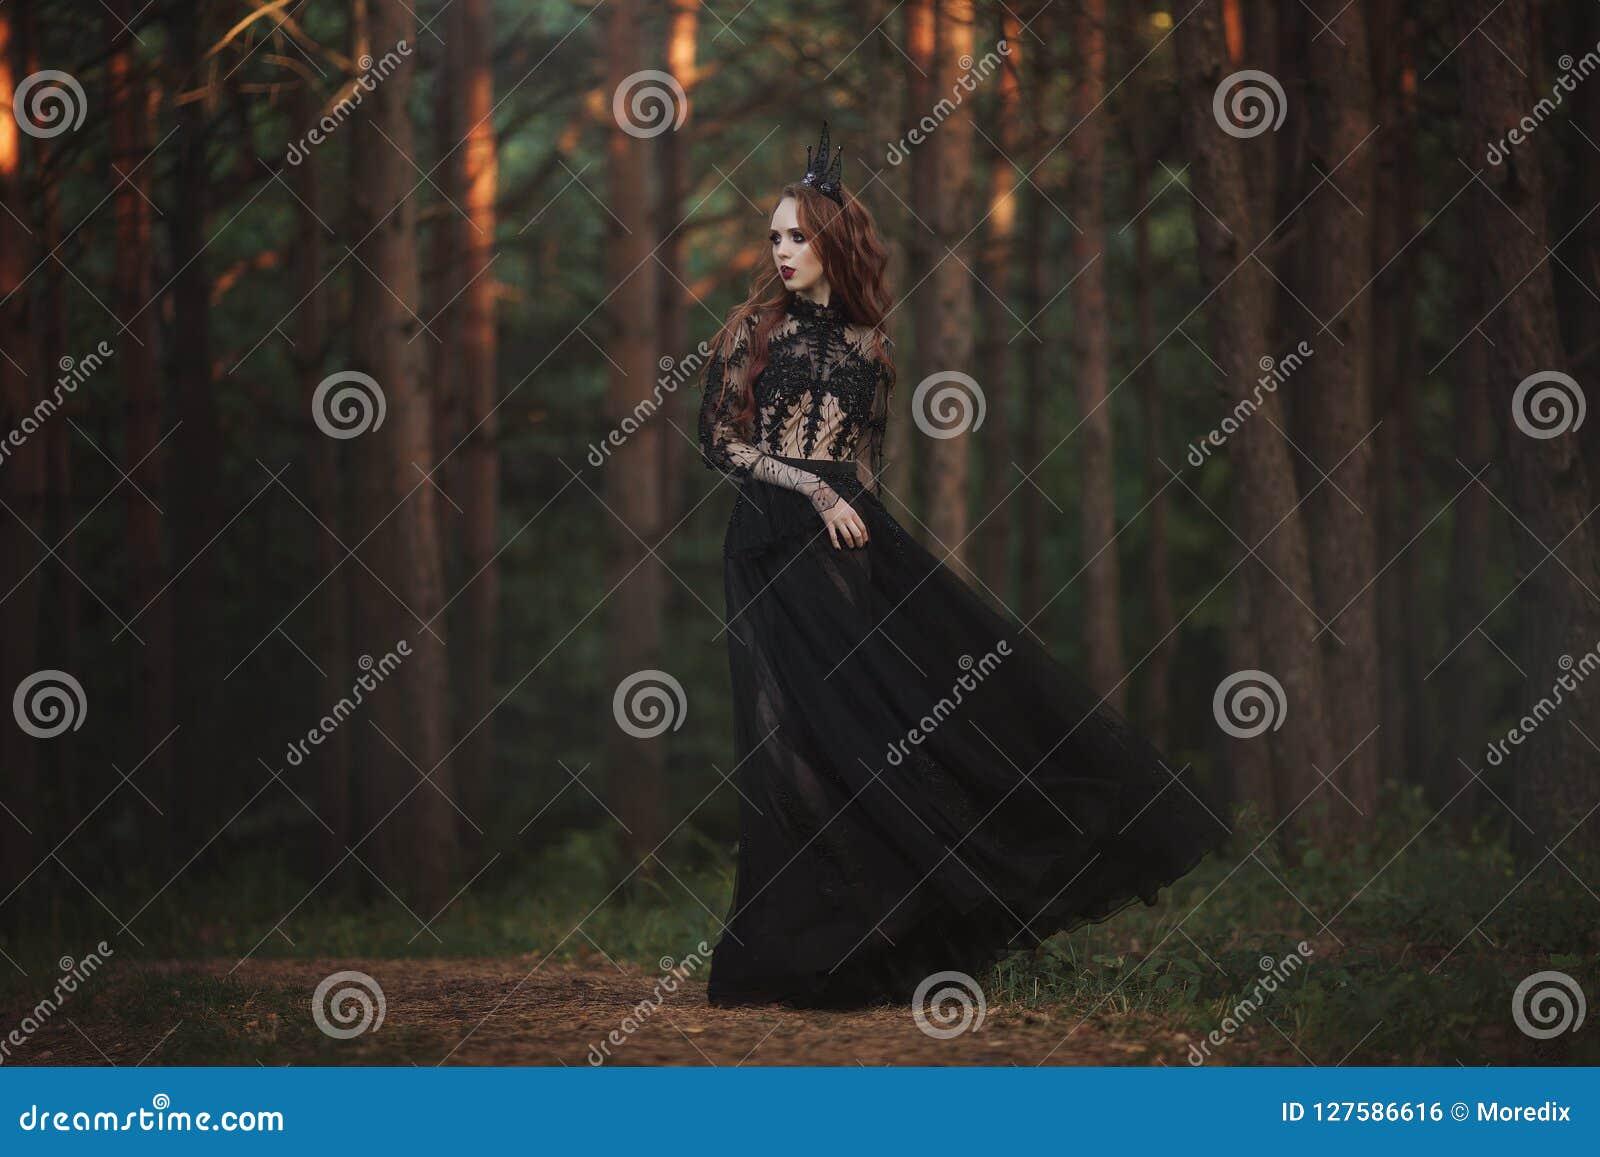 En härlig gotisk prinsessa med blek hud och mycket långt rött hår i en svart krona och en svart lång klänning i en dimmig felik s